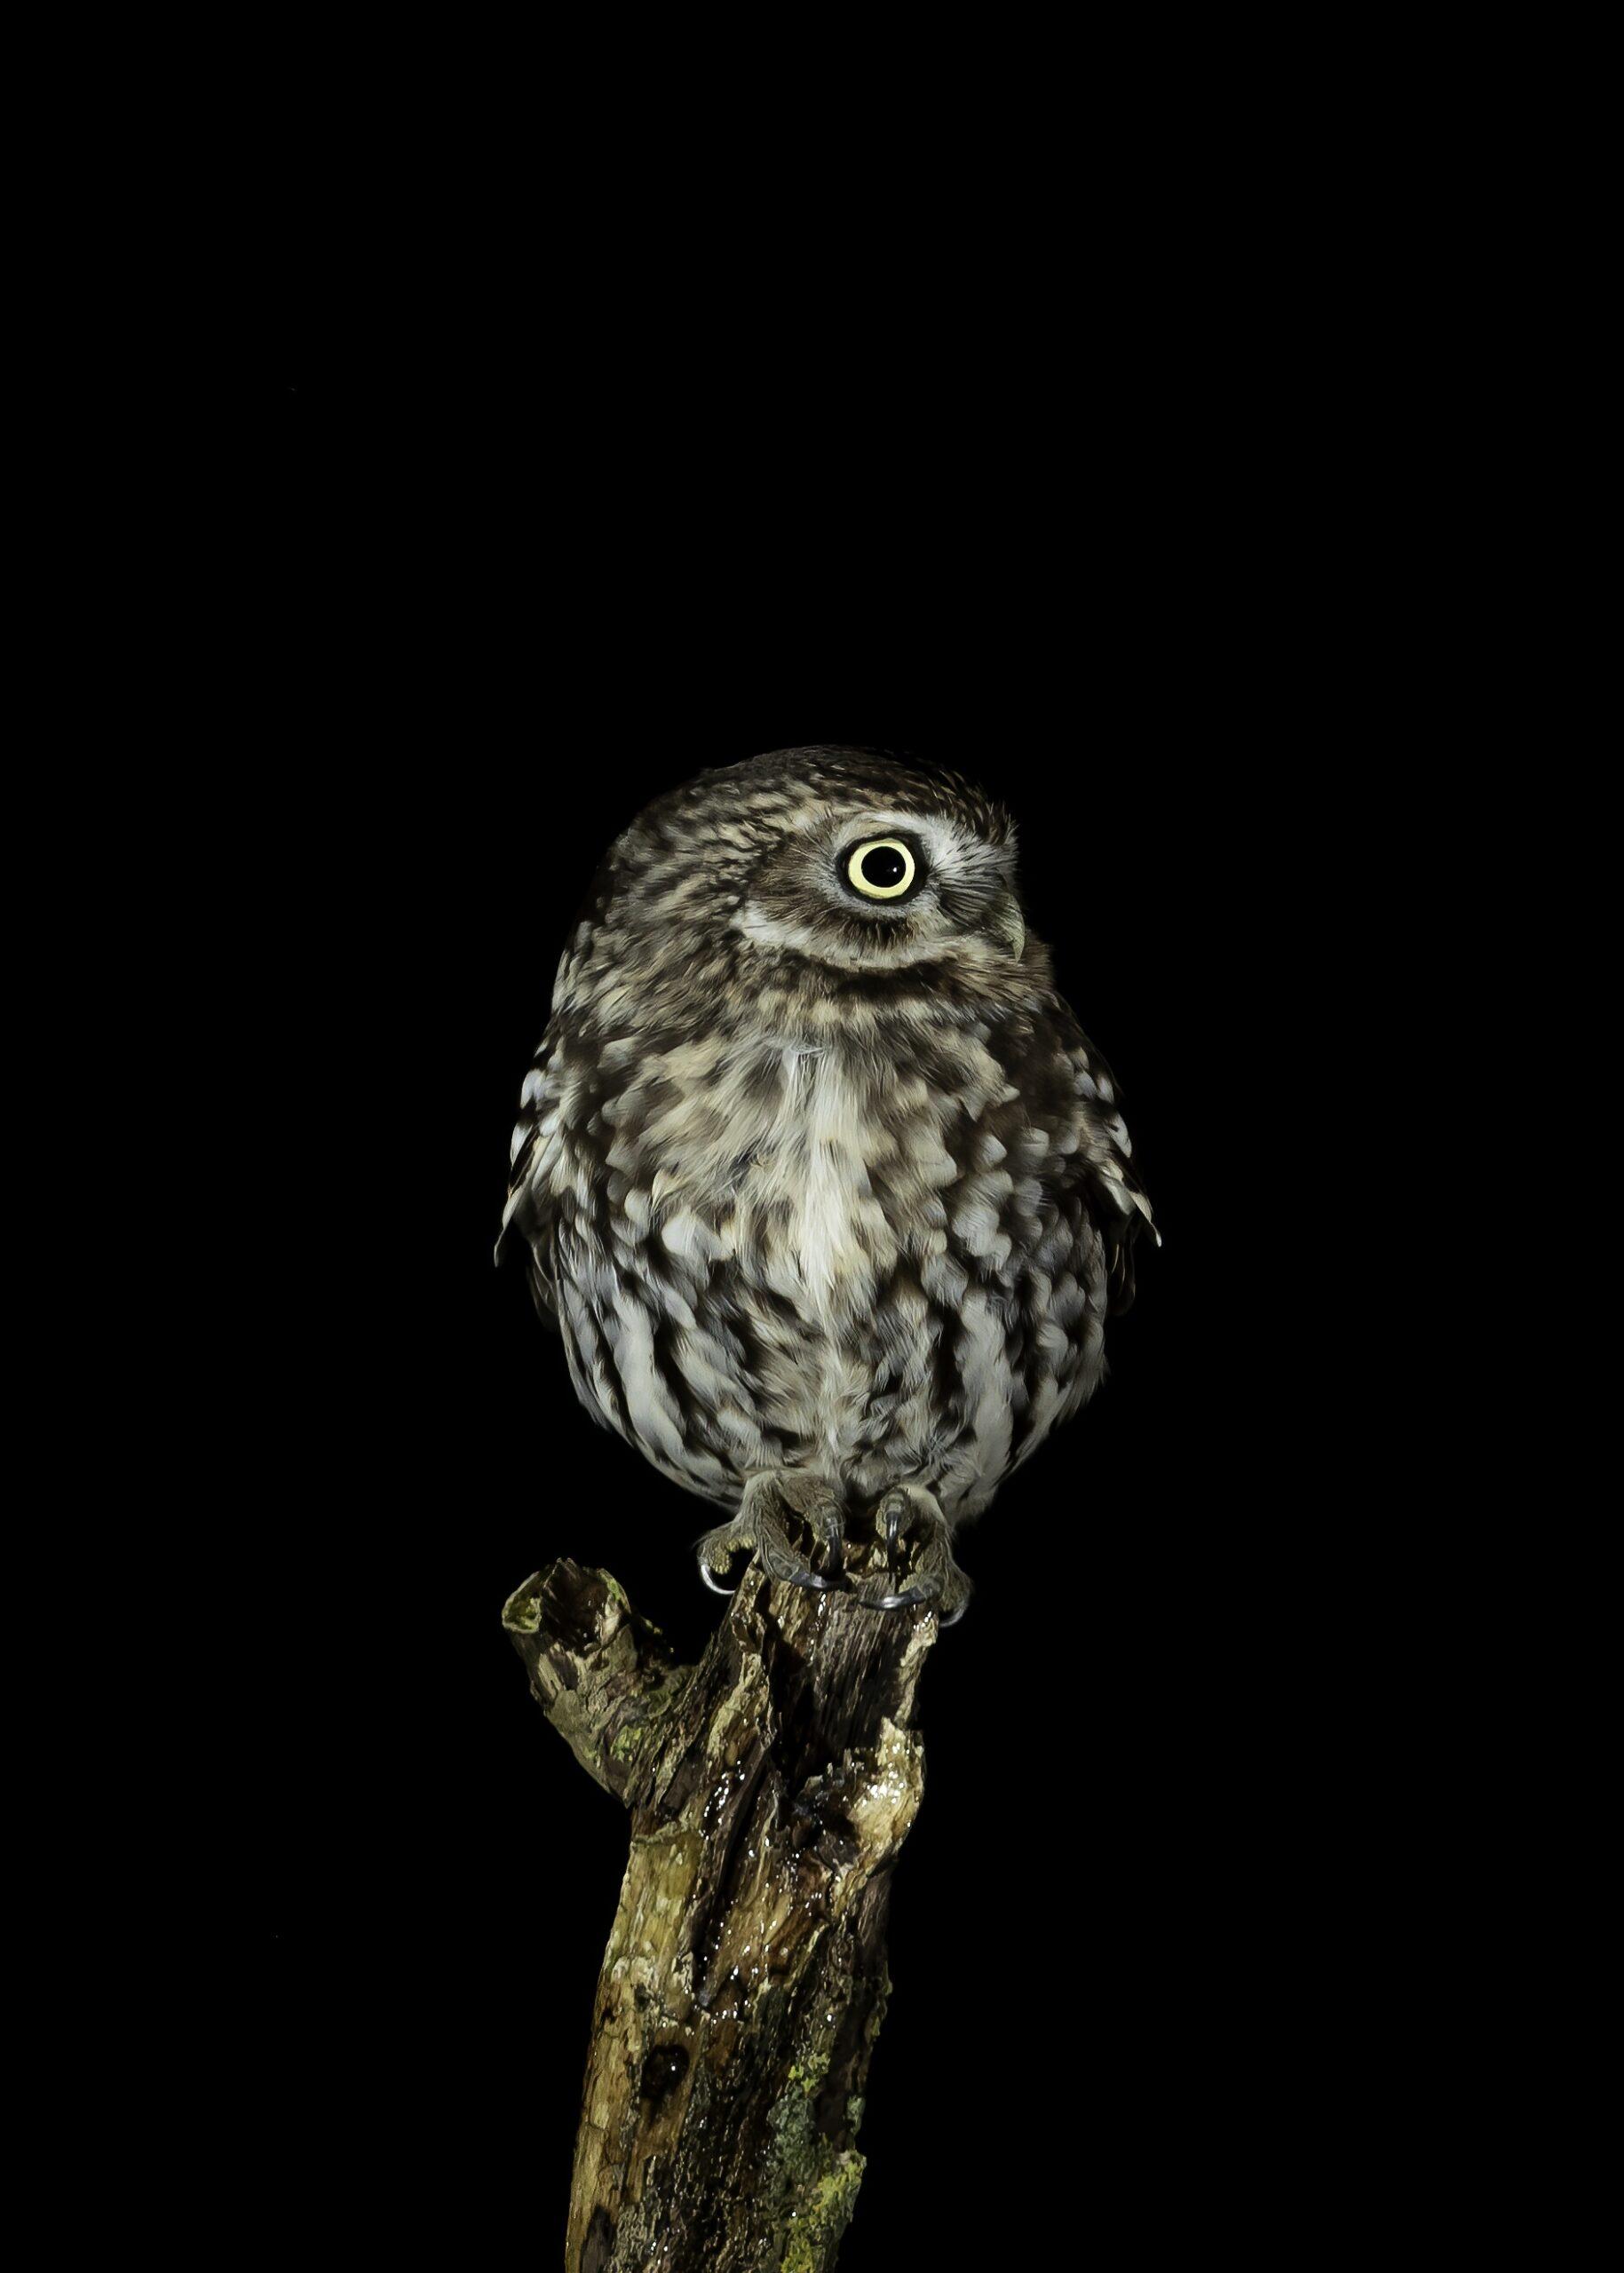 Little Owl sitting alert